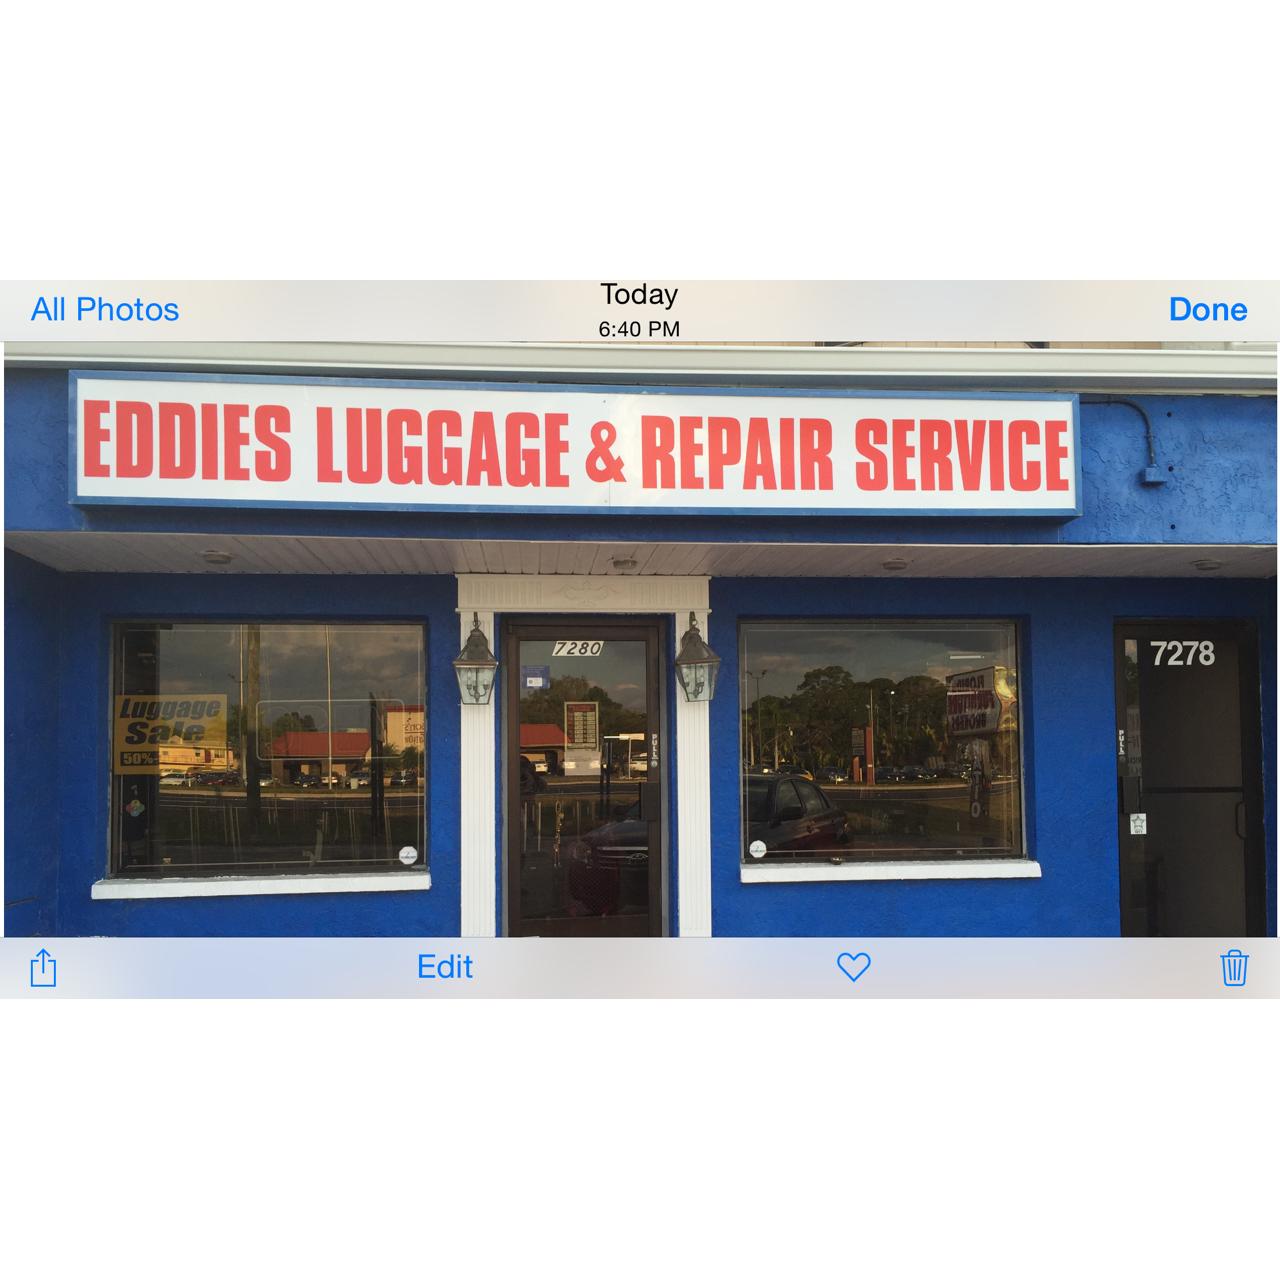 EDDIE`S LUGGAGE & REPAIR SERVICES